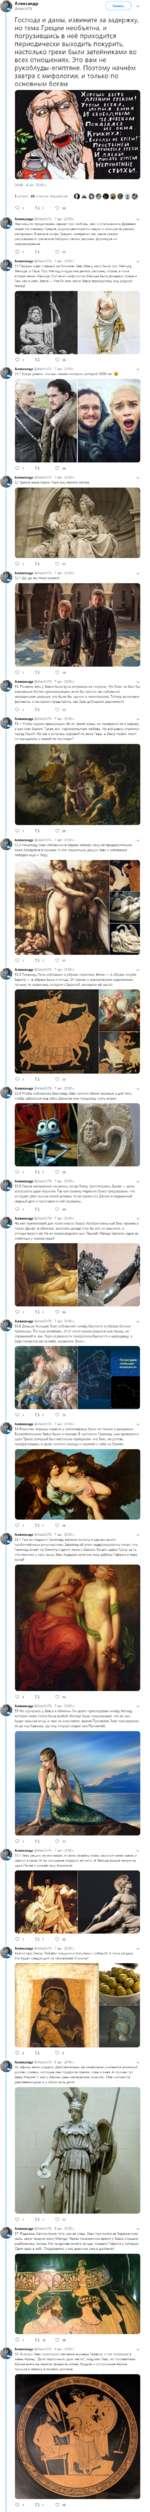 # Александр @А1ехБЛ7б Читать ) Господа и дамы, извините за задержку но тема Греции необъятна, и погрузившись в неё приходится периодически выходить покурить, настолько греки были затейниками во всех отношениях. Это вам не рукоблуды-египтяне. Поэтому начнём завтра с мифологии, и только по основн